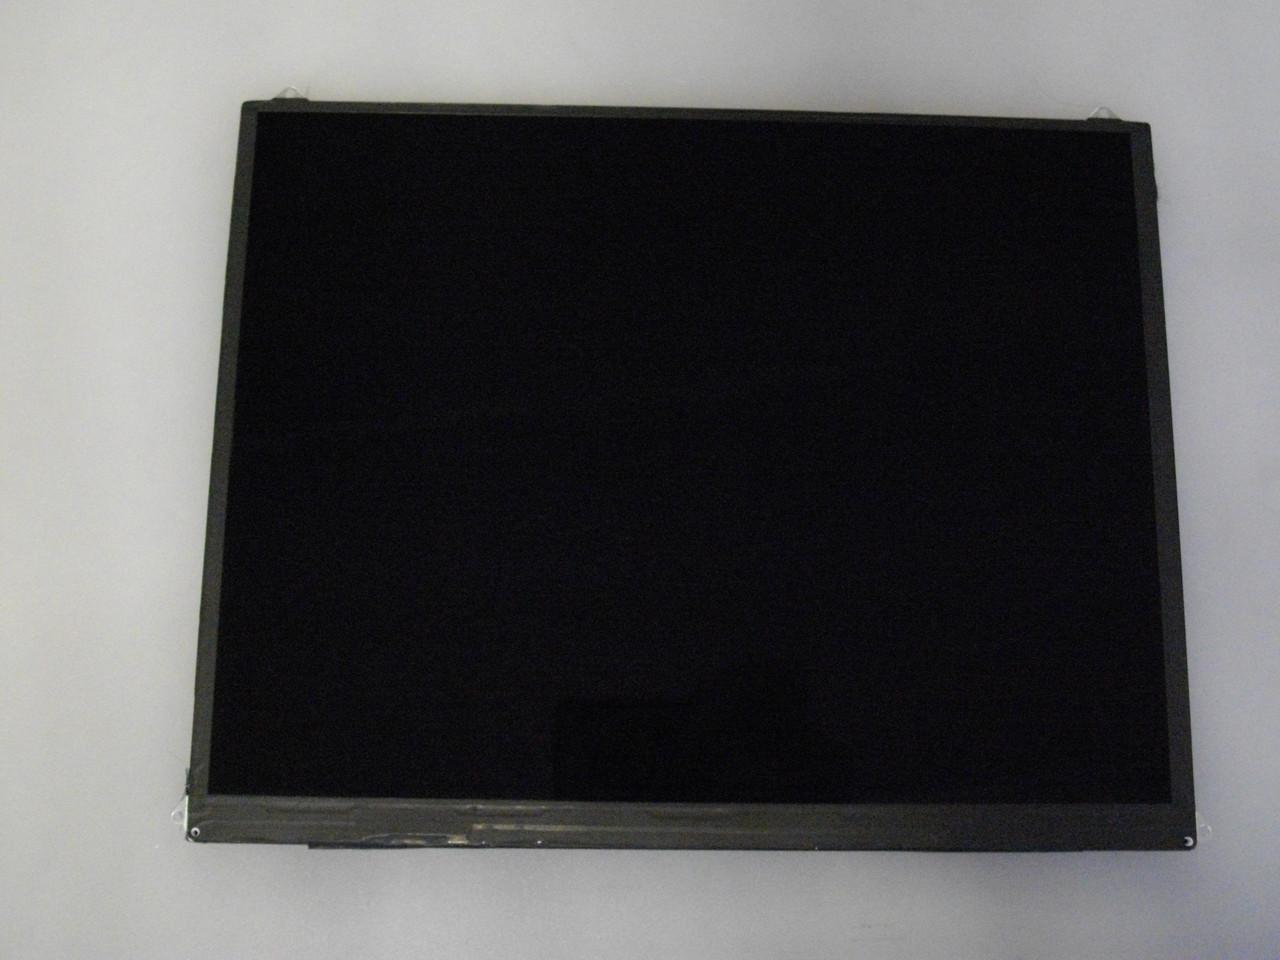 Оригинальный Экран матрица Дисплей для планшета AB0970001015 Impression ImPad 9701, 9701/16 БУ